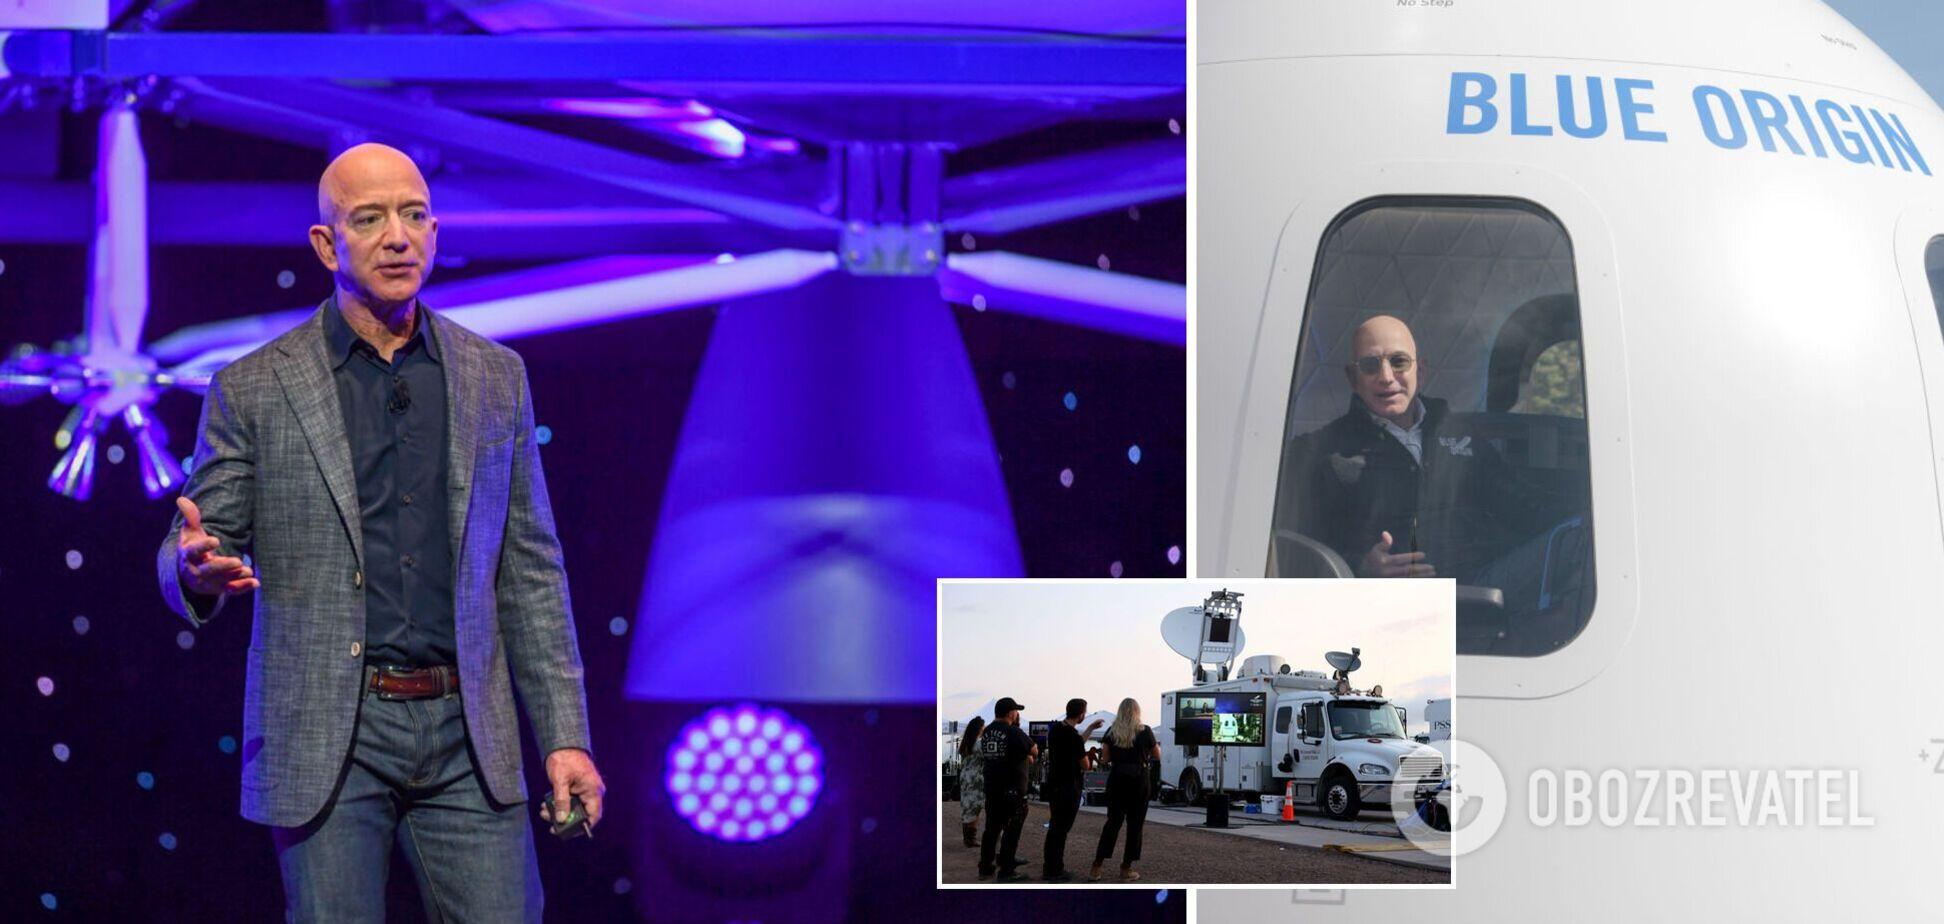 Джефф Безос на ракете New Shepard совершил первый успешный полет в космос. Видео